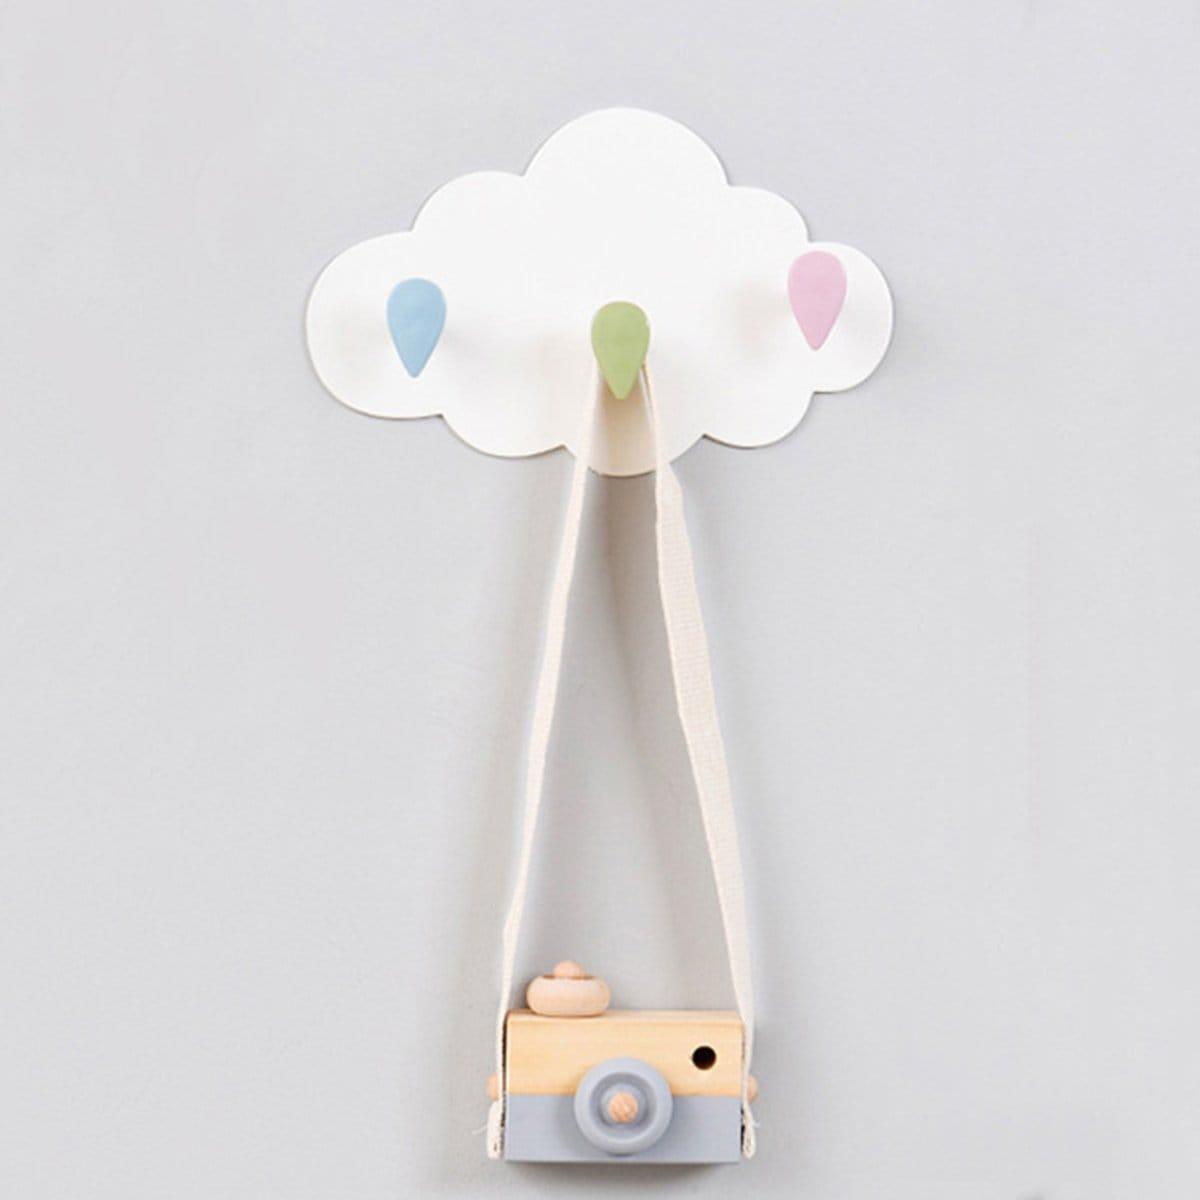 Kapstok in vorm van wolk